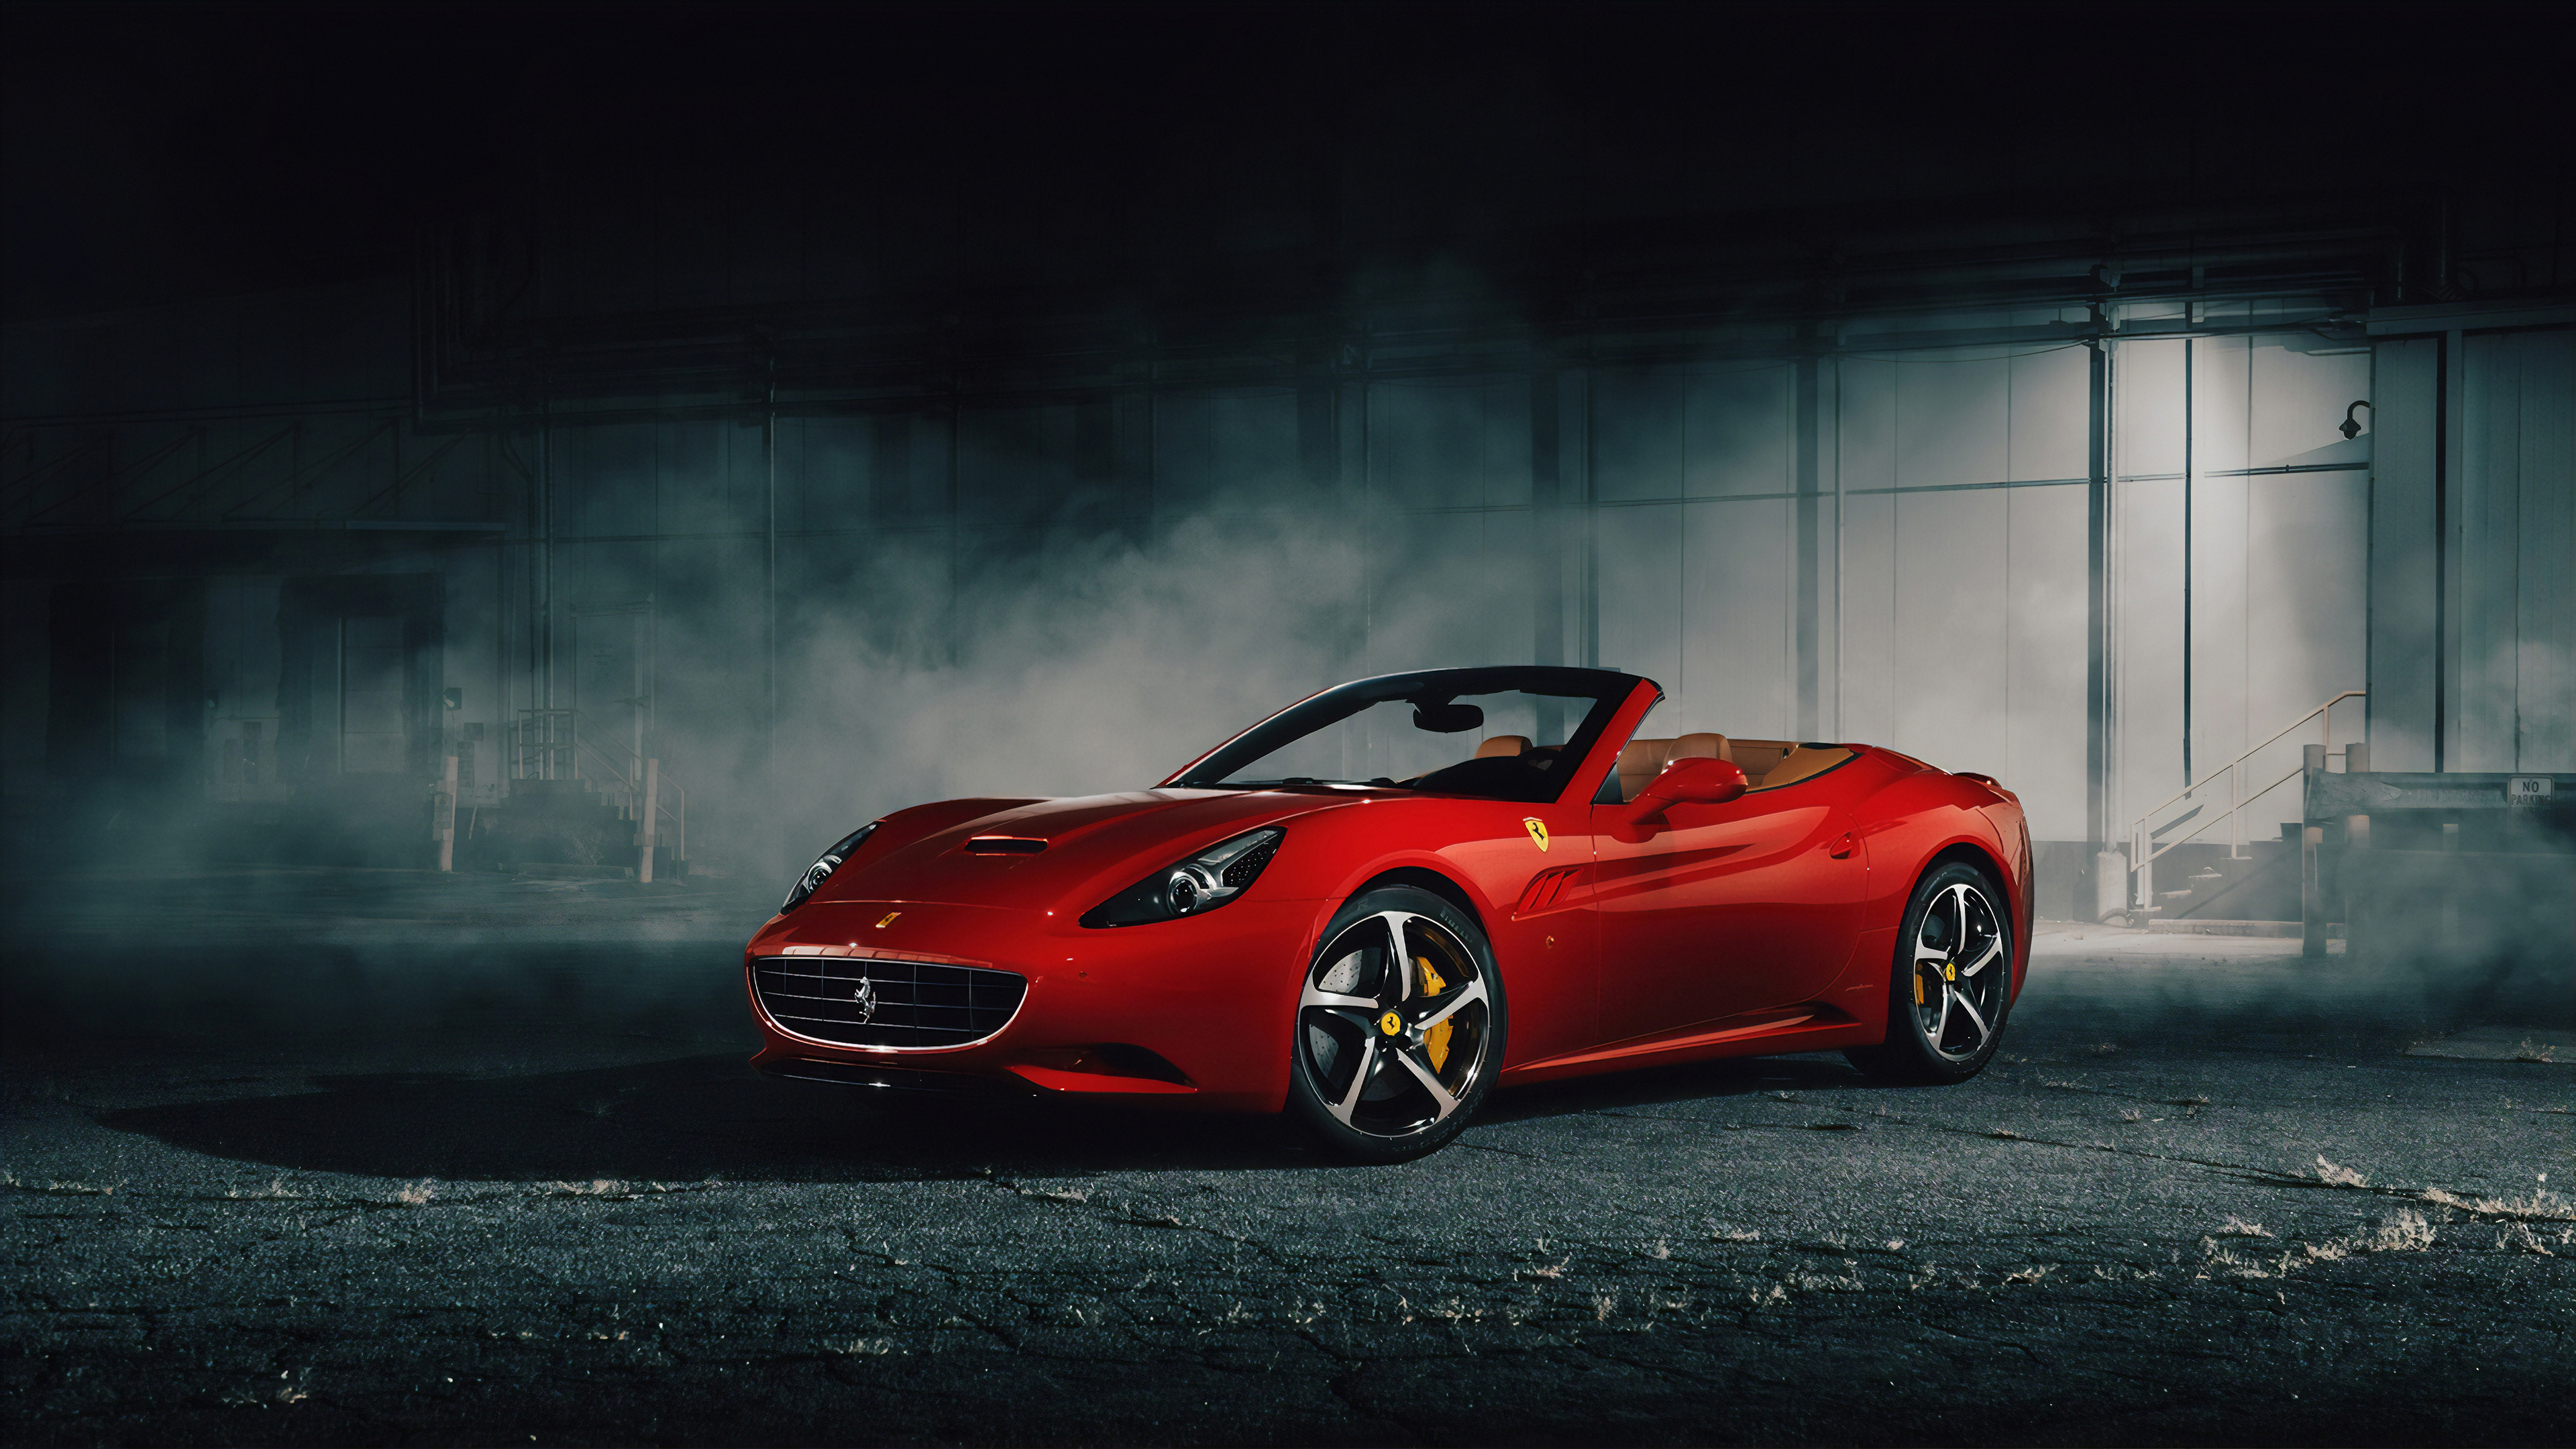 California Ferrari 4k 2019, HD Cars, 4k Wallpapers, Images ...